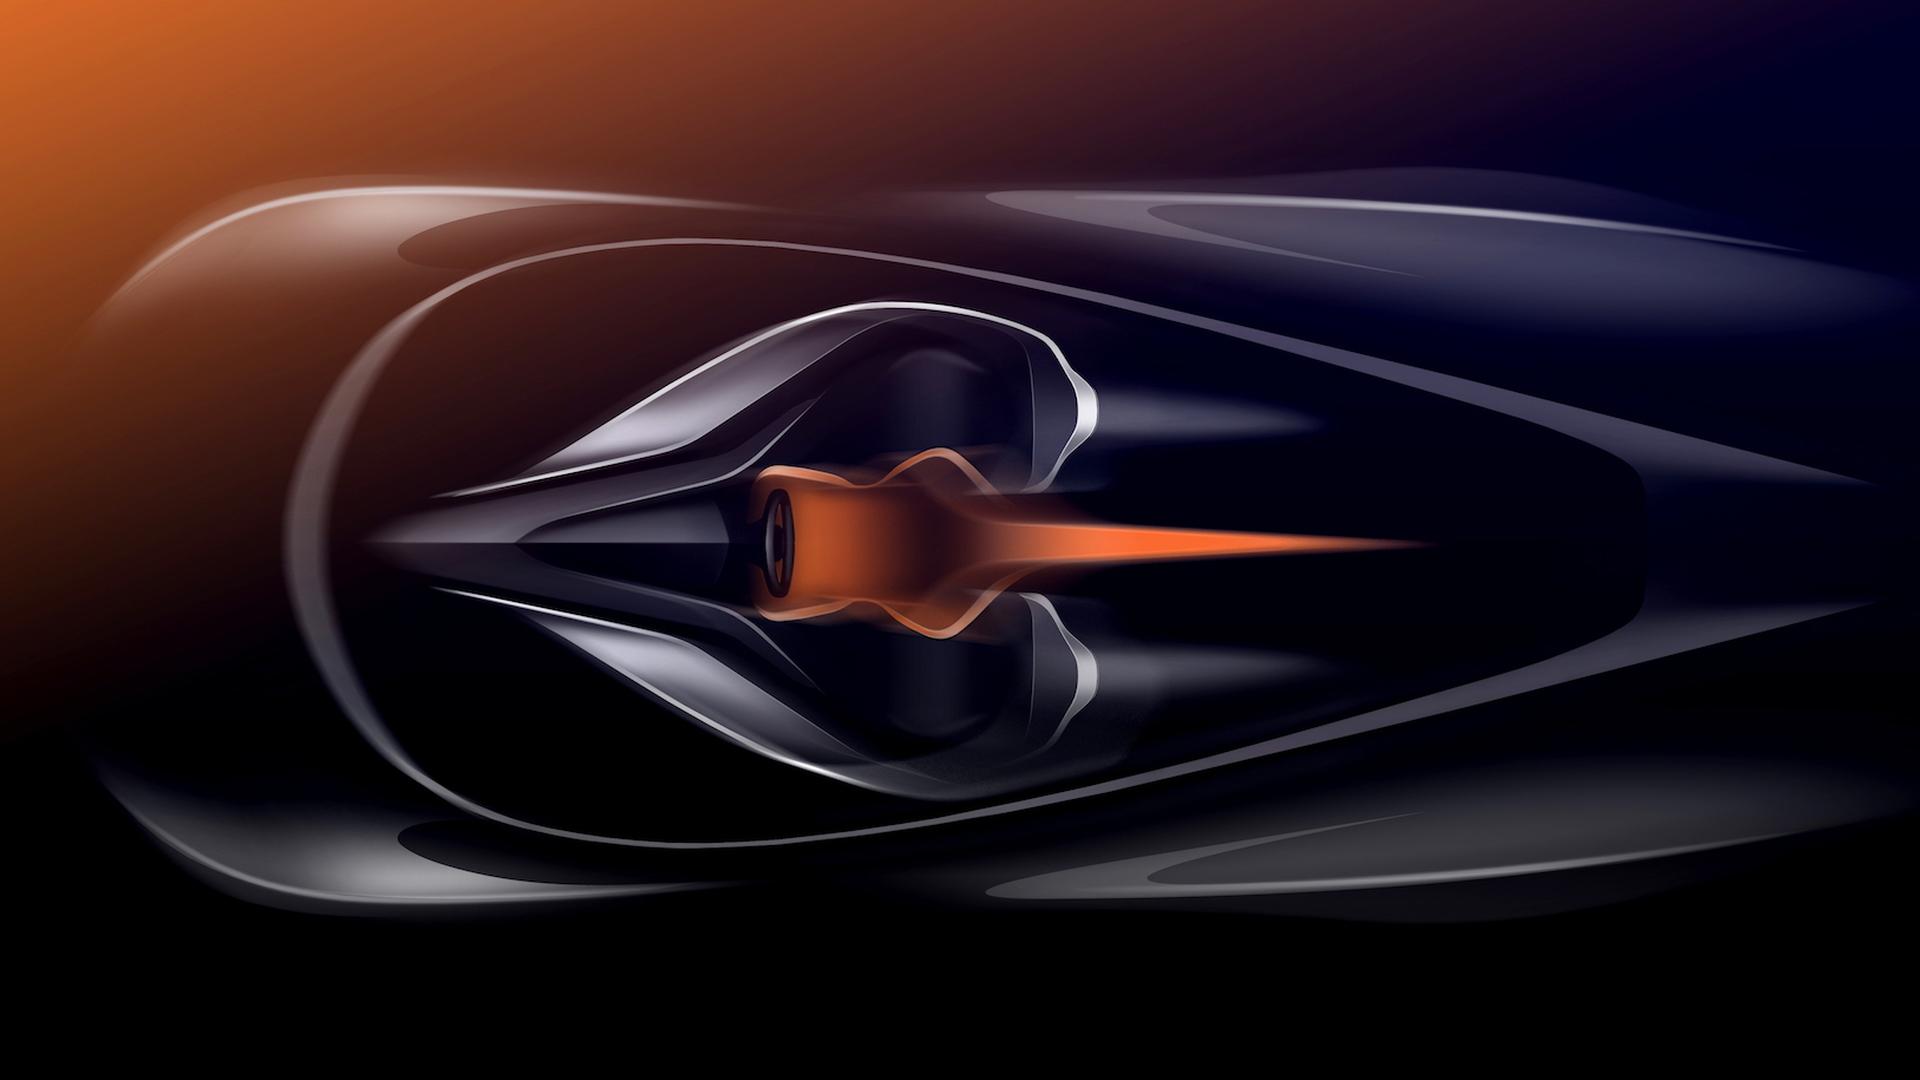 Teaser for McLaren Speedtail debuting October 26